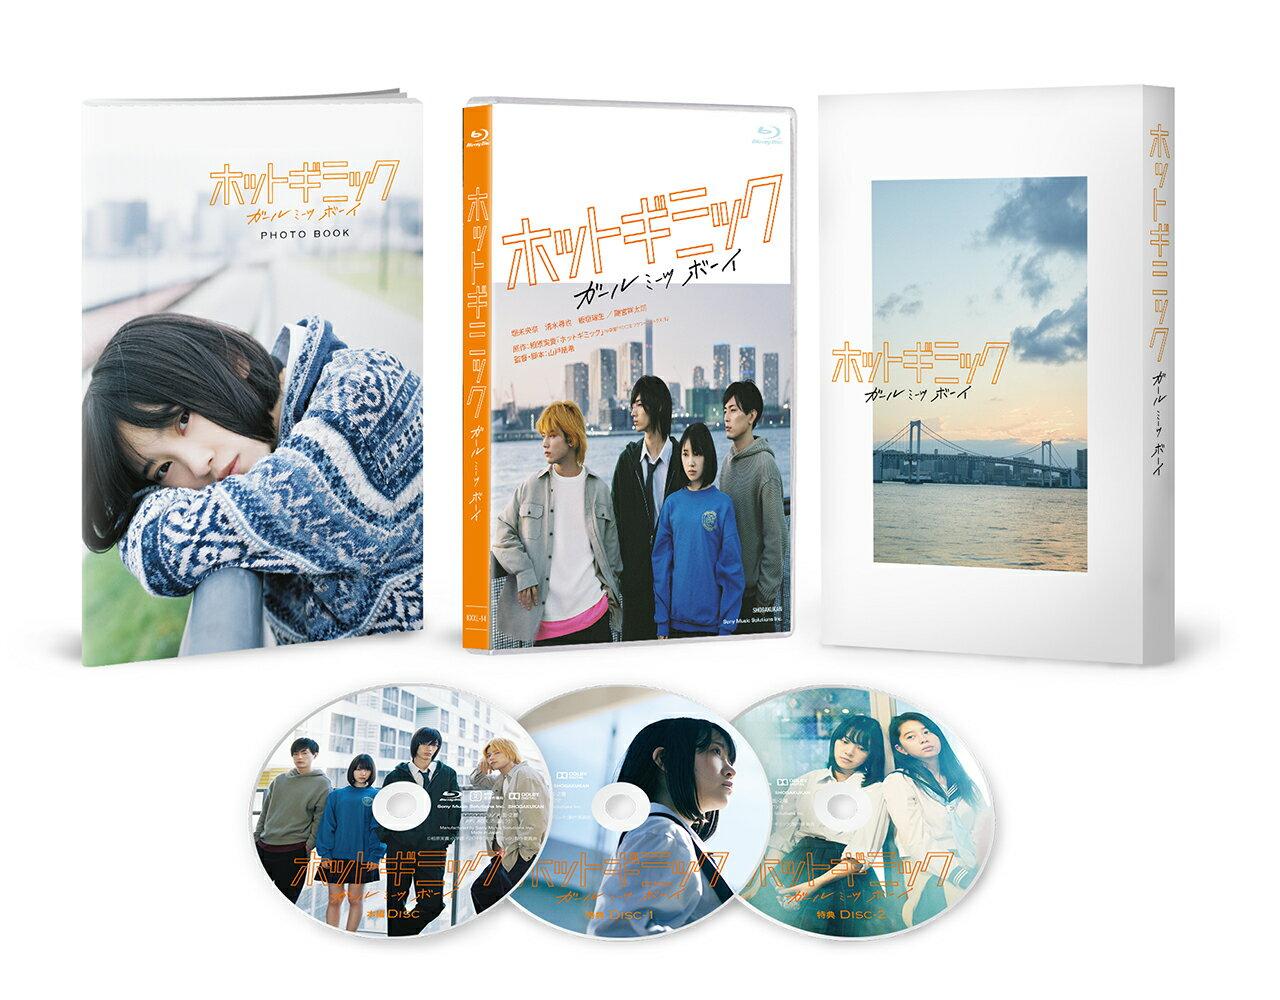 ホットギミック ガールミーツボーイ スペシャルエディション【Blu-ray】